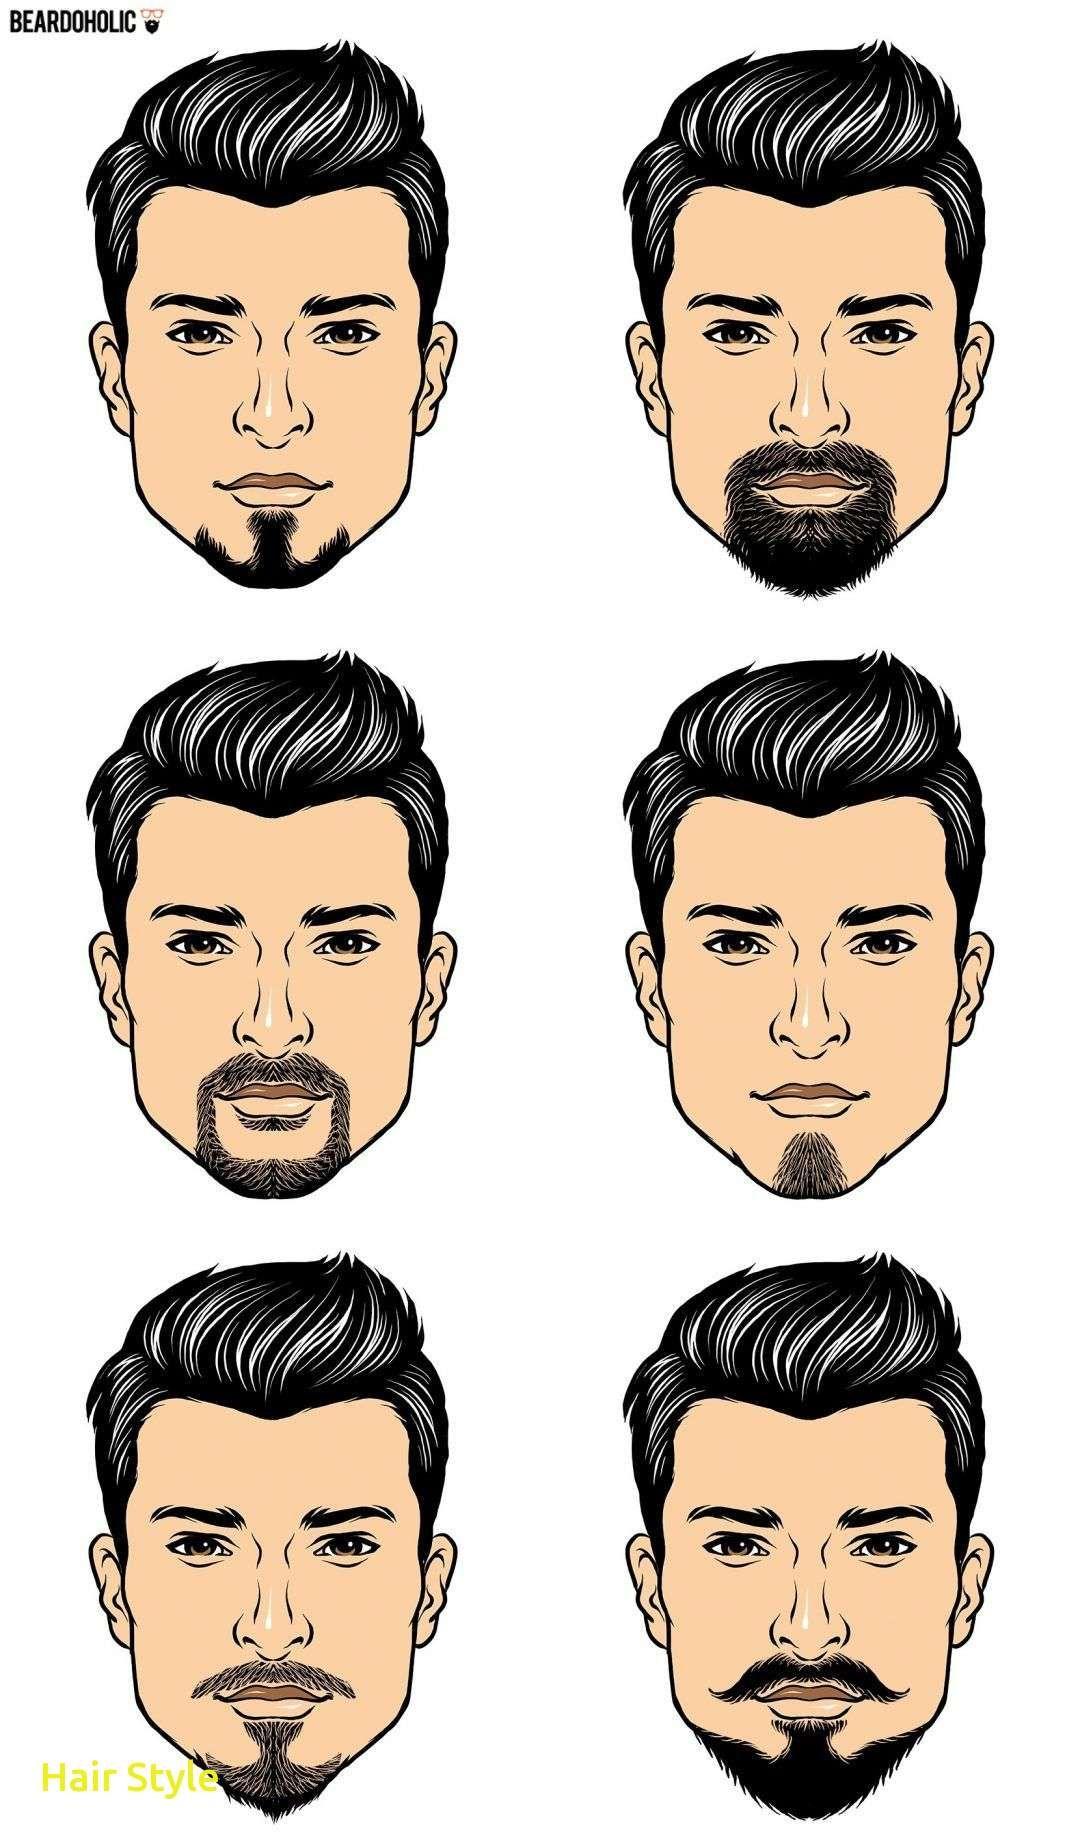 Ehrfürchtige Gesichts-Form-Bart-Arten | Zeichnen | Pinterest ...